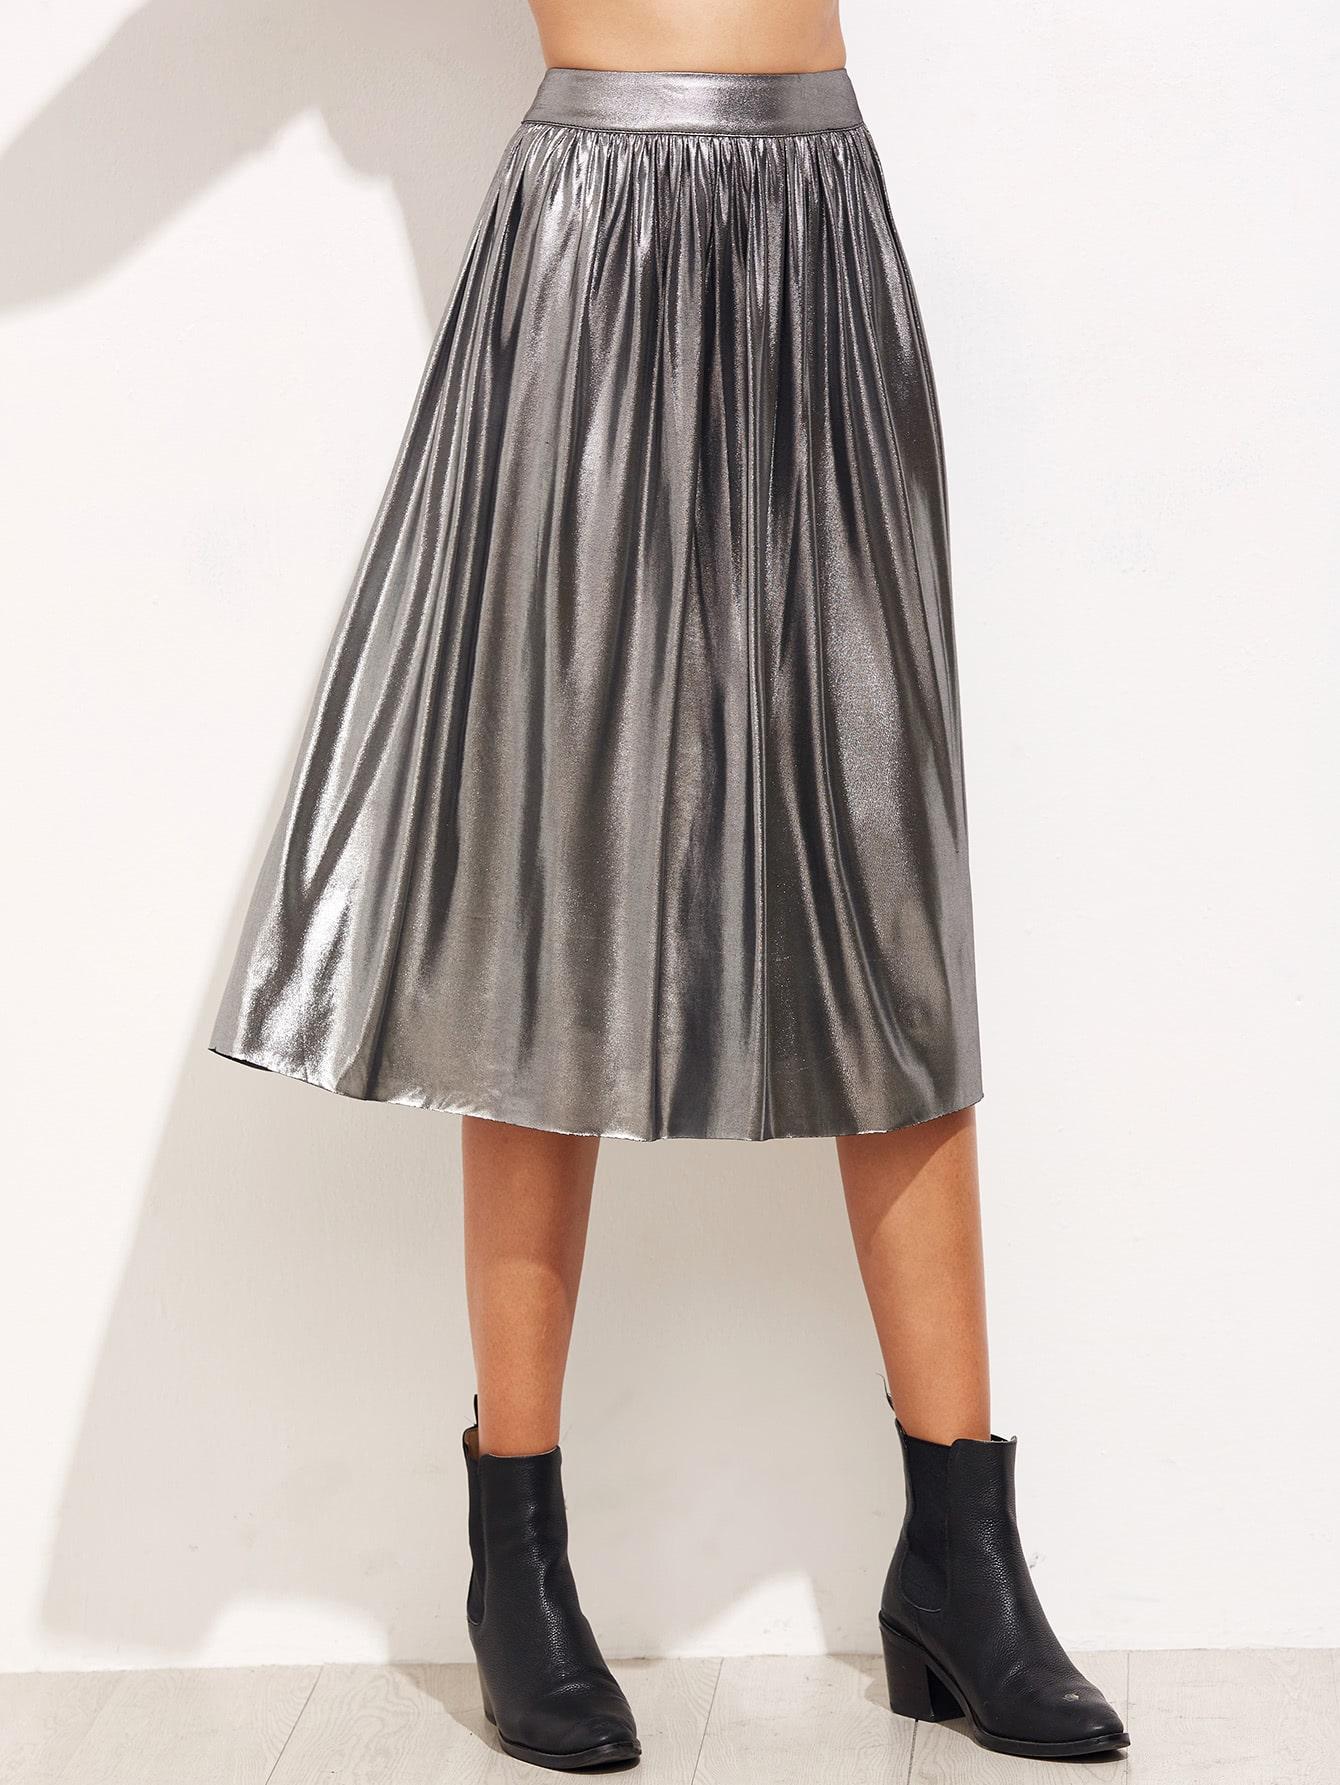 skirt160919702_1